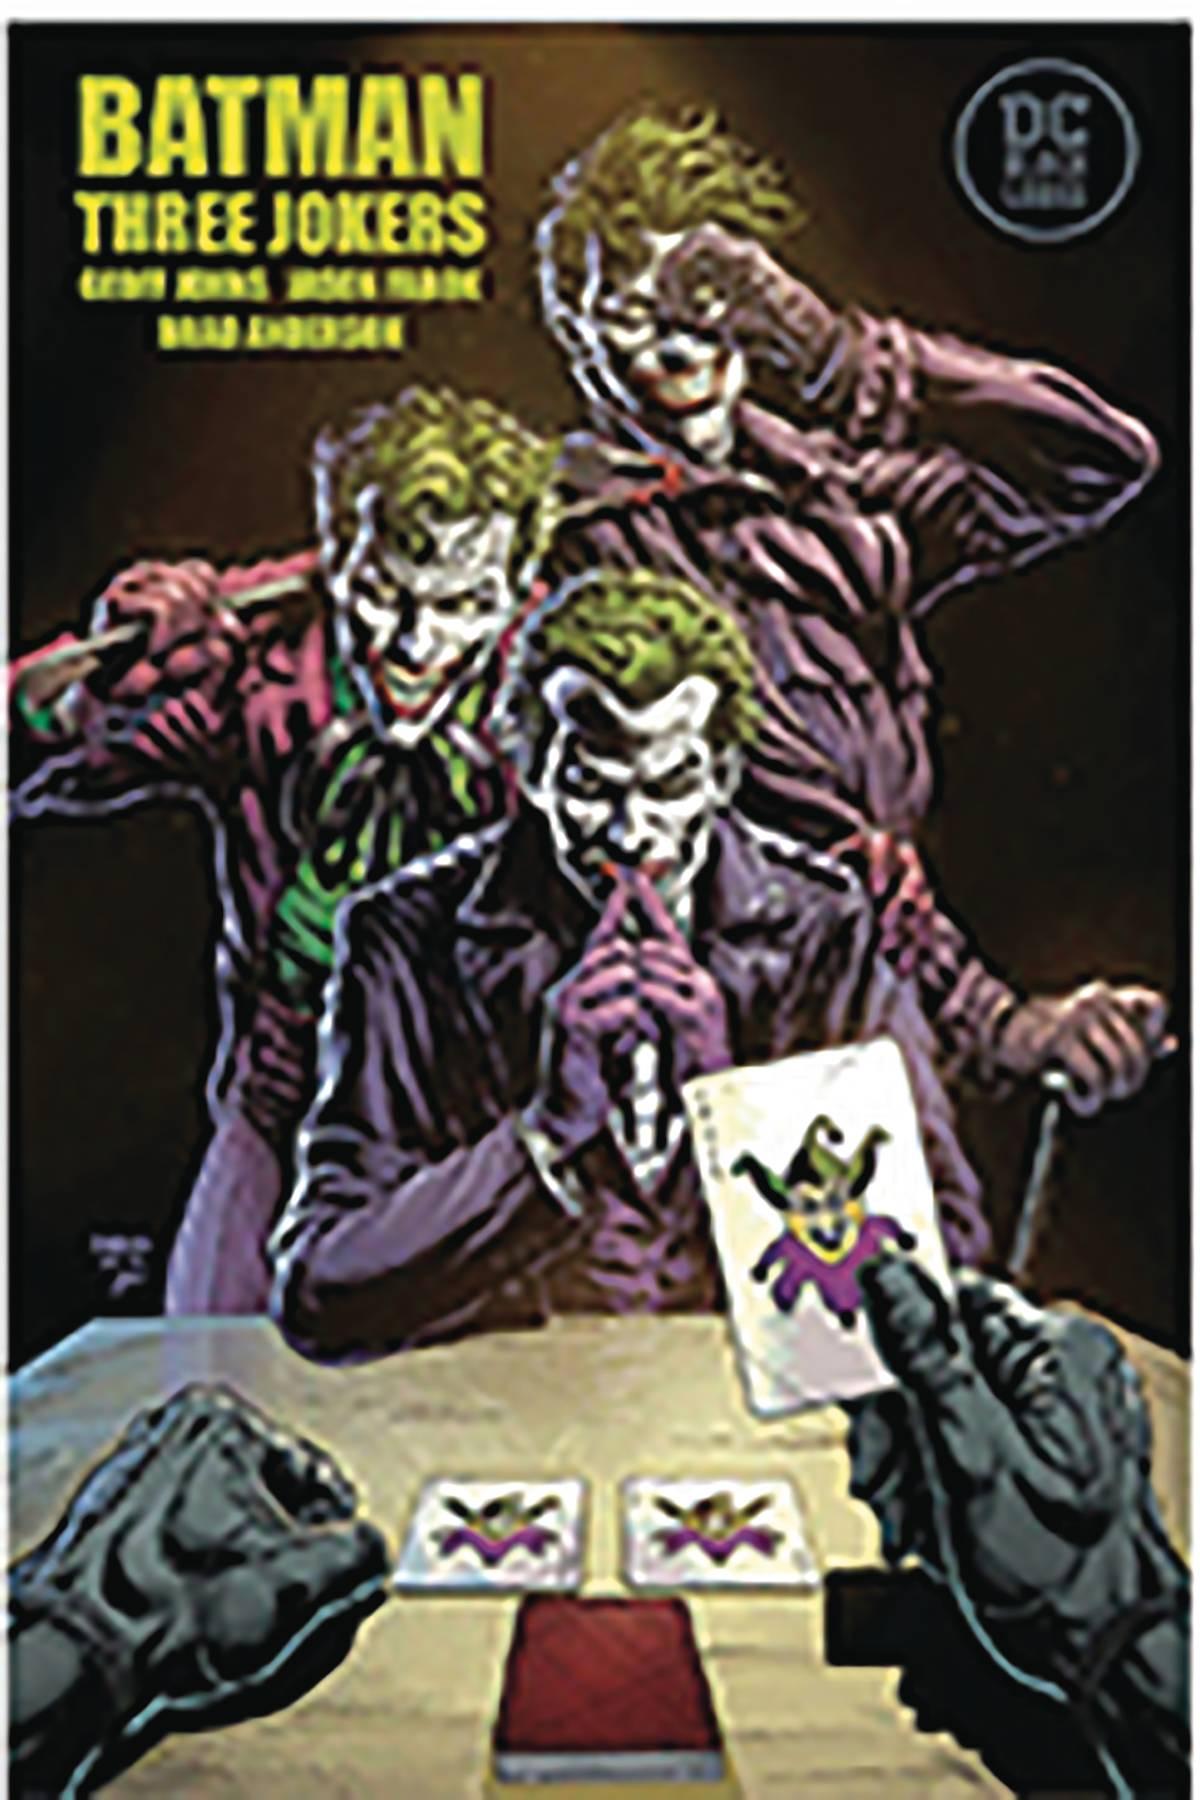 BATMAN THREE JOKERS #1 FABOK SGN